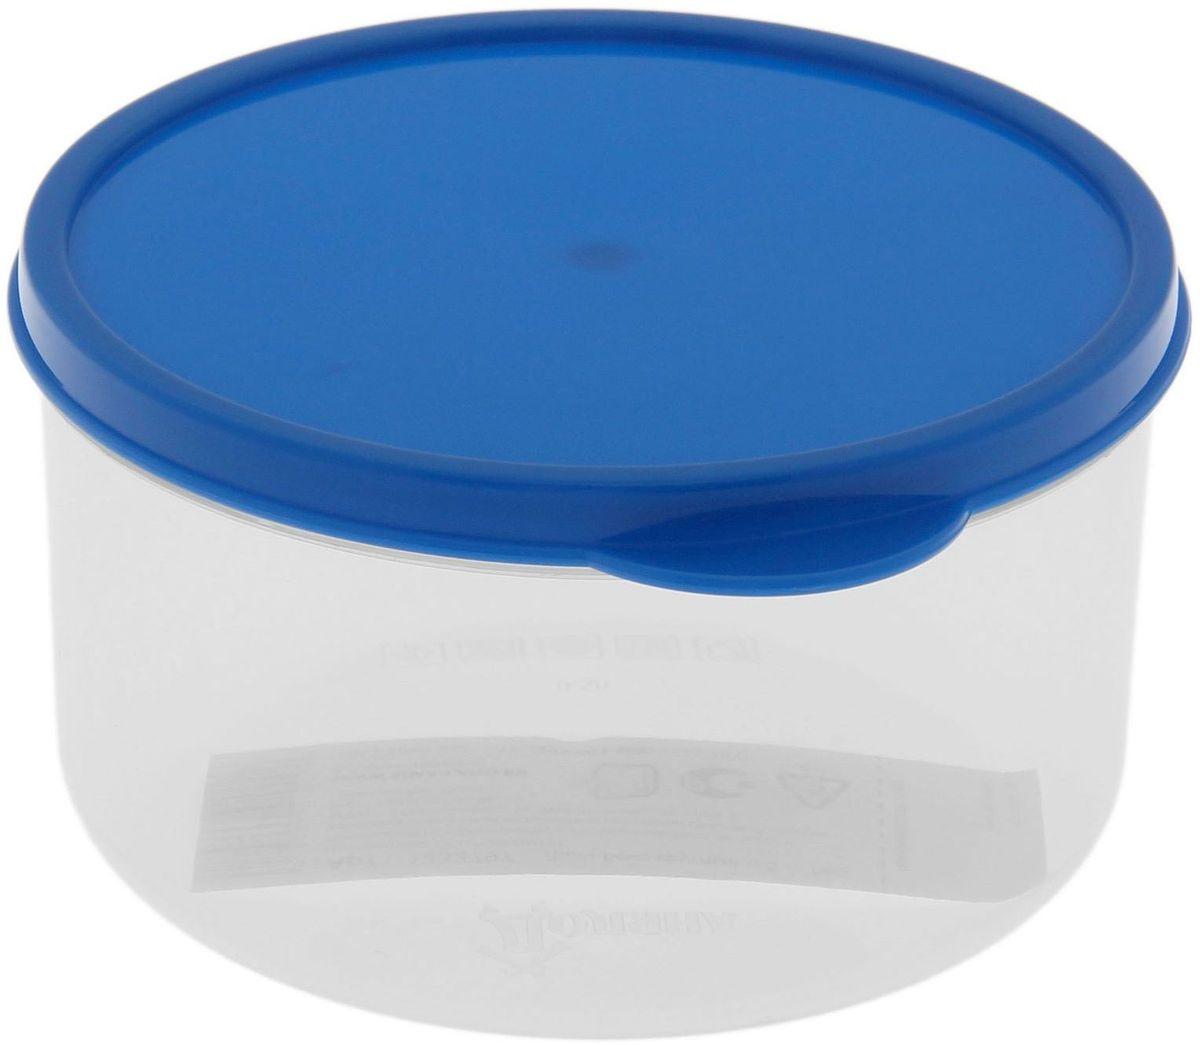 Контейнер пищевой Доляна, круглый, цвет: синий, 500 мл115510Если после вкусного обеда осталась еда, а насладиться трапезой хочется и на следующий день, ланч-бокс станет отличным решением данной проблемы!Такой контейнер является незаменимым предметом кухонной утвари, ведь у него много преимуществ:Простота ухода. Ланч-бокс достаточно промыть тёплой водой с небольшим количеством чистящего средства, и он снова готов к использованию.Вместительность. Большой выбор форм и объёма поможет разместить разнообразные продукты от сахара до супов.Эргономичность. Ланч-боксы очень легко хранить даже в самой маленькой кухне, так как их можно поставить один в другой по принципу матрёшки.Многофункциональность. Разнообразие цветов и форм делает возможным использование контейнеров не только на кухне, но и в других областях домашнего быта.Любители приготовления обеда на всю семью в большинстве случаев приобретают ланч-боксы наборами, так как это позволяет рассортировать продукты по всевозможным признакам. К тому же контейнеры среднего размера станут незаменимыми помощниками на работе: ведь что может быть приятнее, чем порадовать себя во время обеда прекрасной едой, заботливо сохранённой в контейнере?В качестве материала для изготовления используется пластик, что делает процесс ухода за контейнером ещё более эффективным. К каждому ланч-боксу в комплекте также прилагается крышка подходящего размера, это позволяет плотно и надёжно удерживать запах еды и упрощает процесс транспортировки.Однако рекомендуется соблюдать и меры предосторожности: не использовать пластиковые контейнеры в духовых шкафах и на открытом огне, а также не разогревать в микроволновых печах при закрытой крышке ланч-бокса. Соблюдение мер безопасности позволит продлить срок эксплуатации и сохранить отличный внешний вид изделия.Эргономичный дизайн и многофункциональность таких контейнеров — вот, что является причиной большой популярности данного предмета у каждой хозяйки. А в преддверии лета и дачного сезона такое приобретени